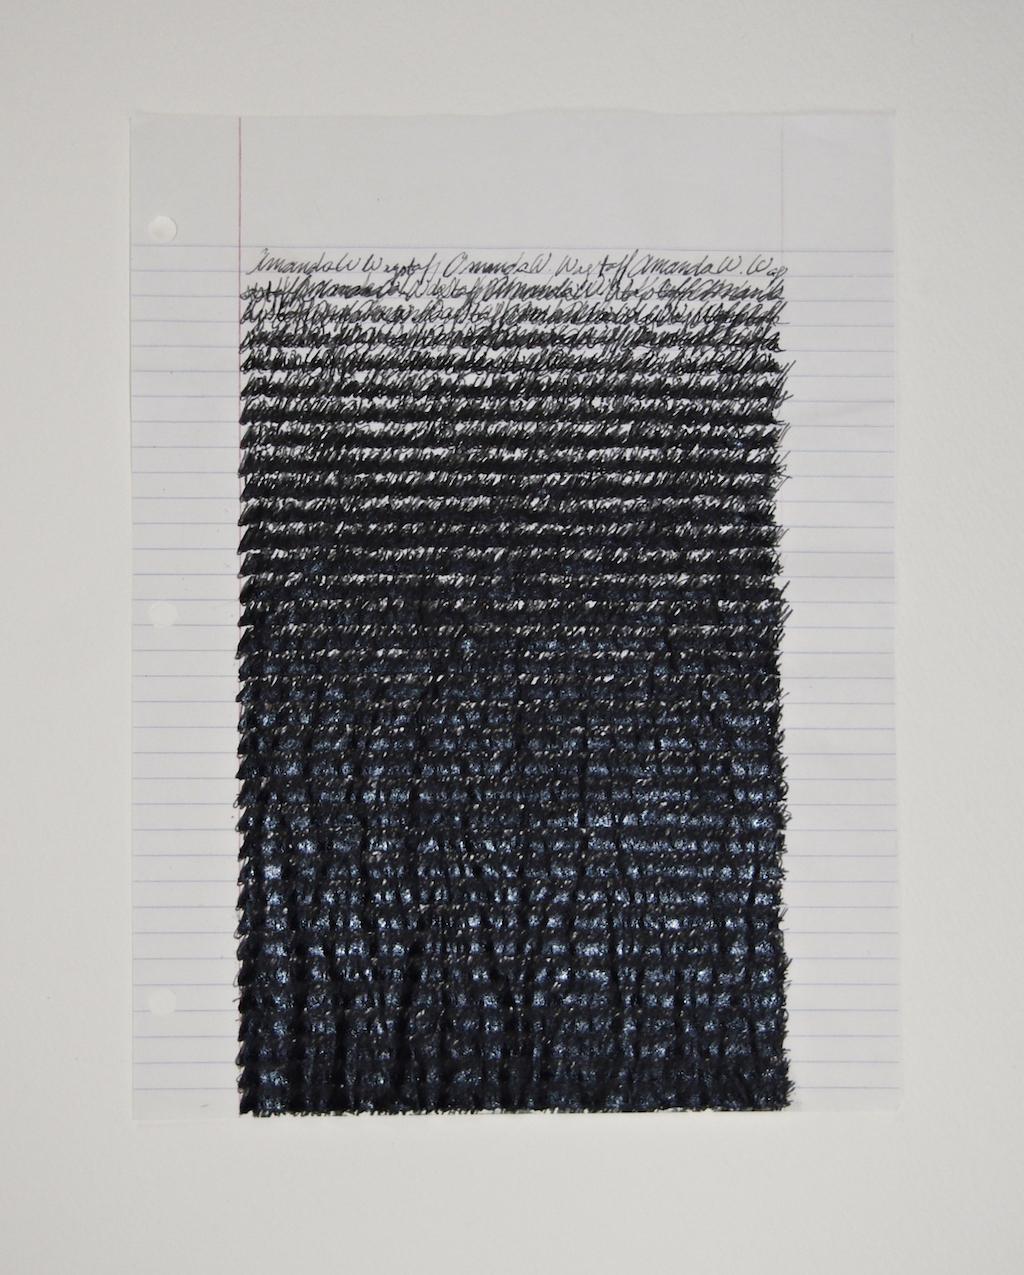 Amanda W. Wagstaff , 2014, ink on loose leaf paper